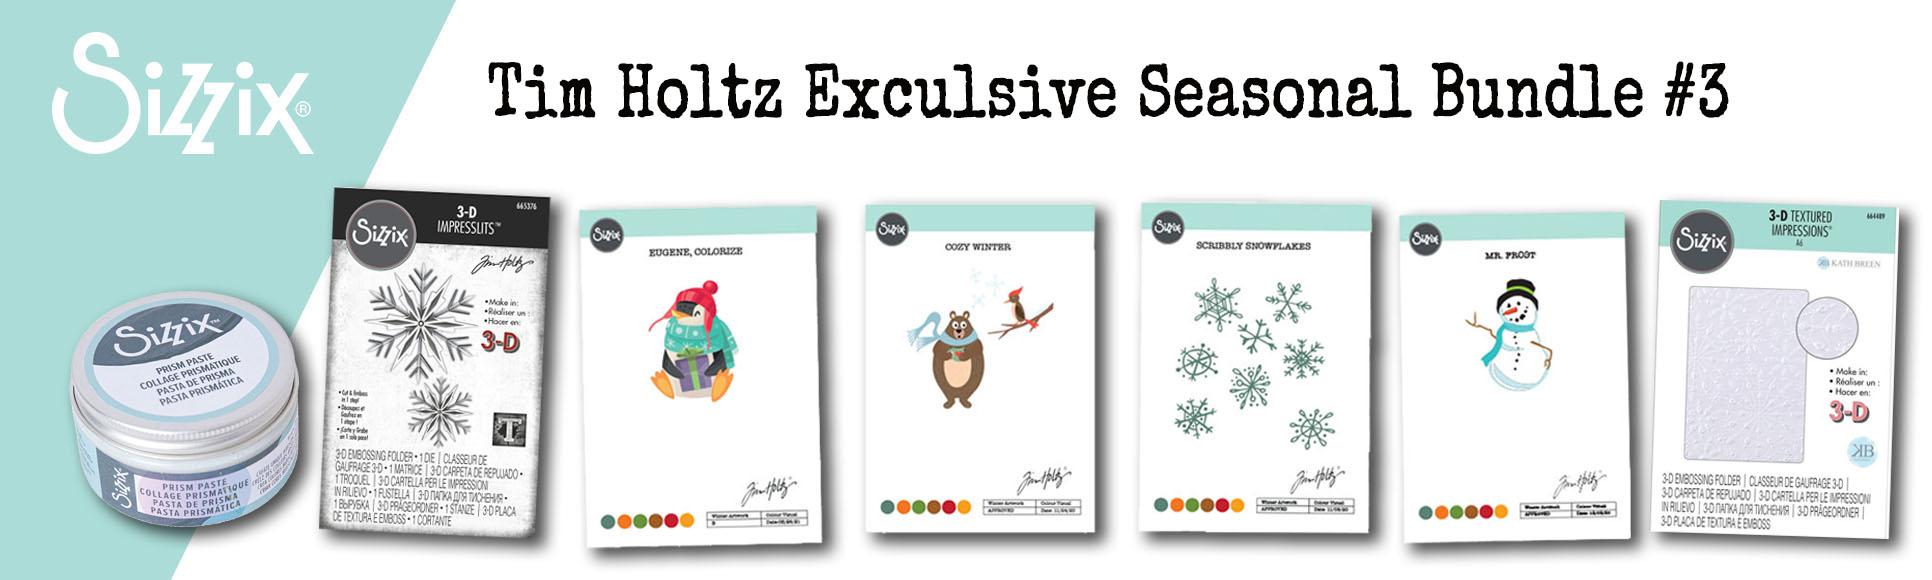 1250x375-tim-holtz-exclusive-seasonal-bundle-3-revised.jpg